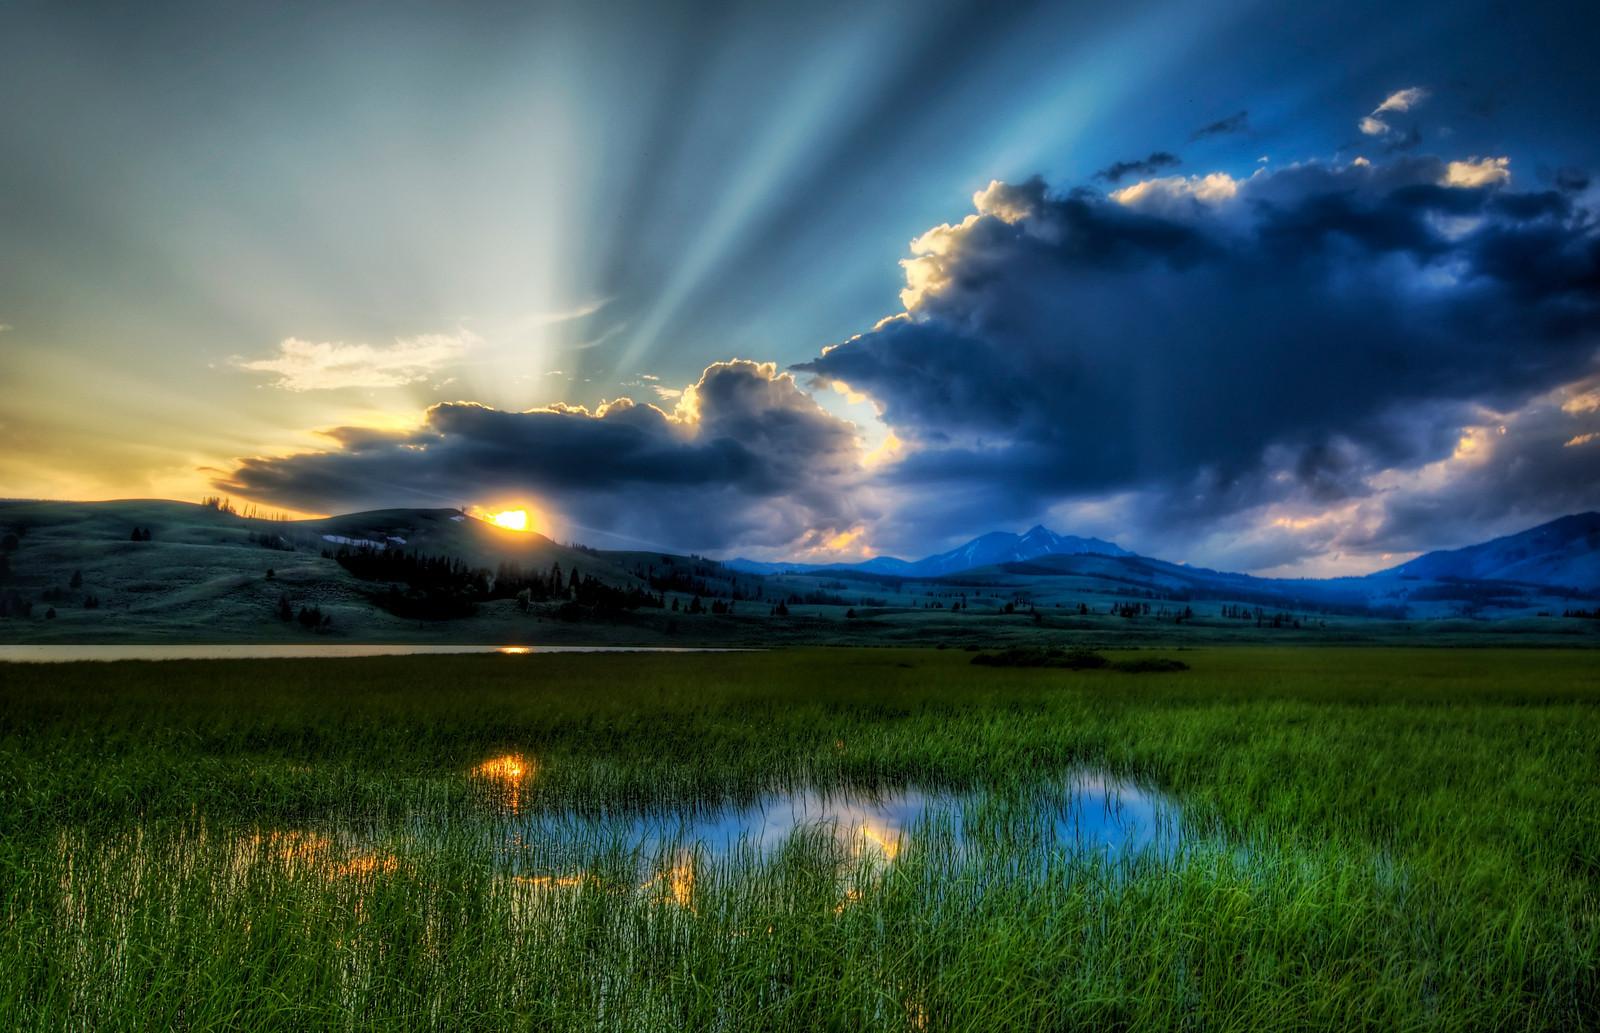 puestas-de-sol-impresionantes-bromasaparte_04